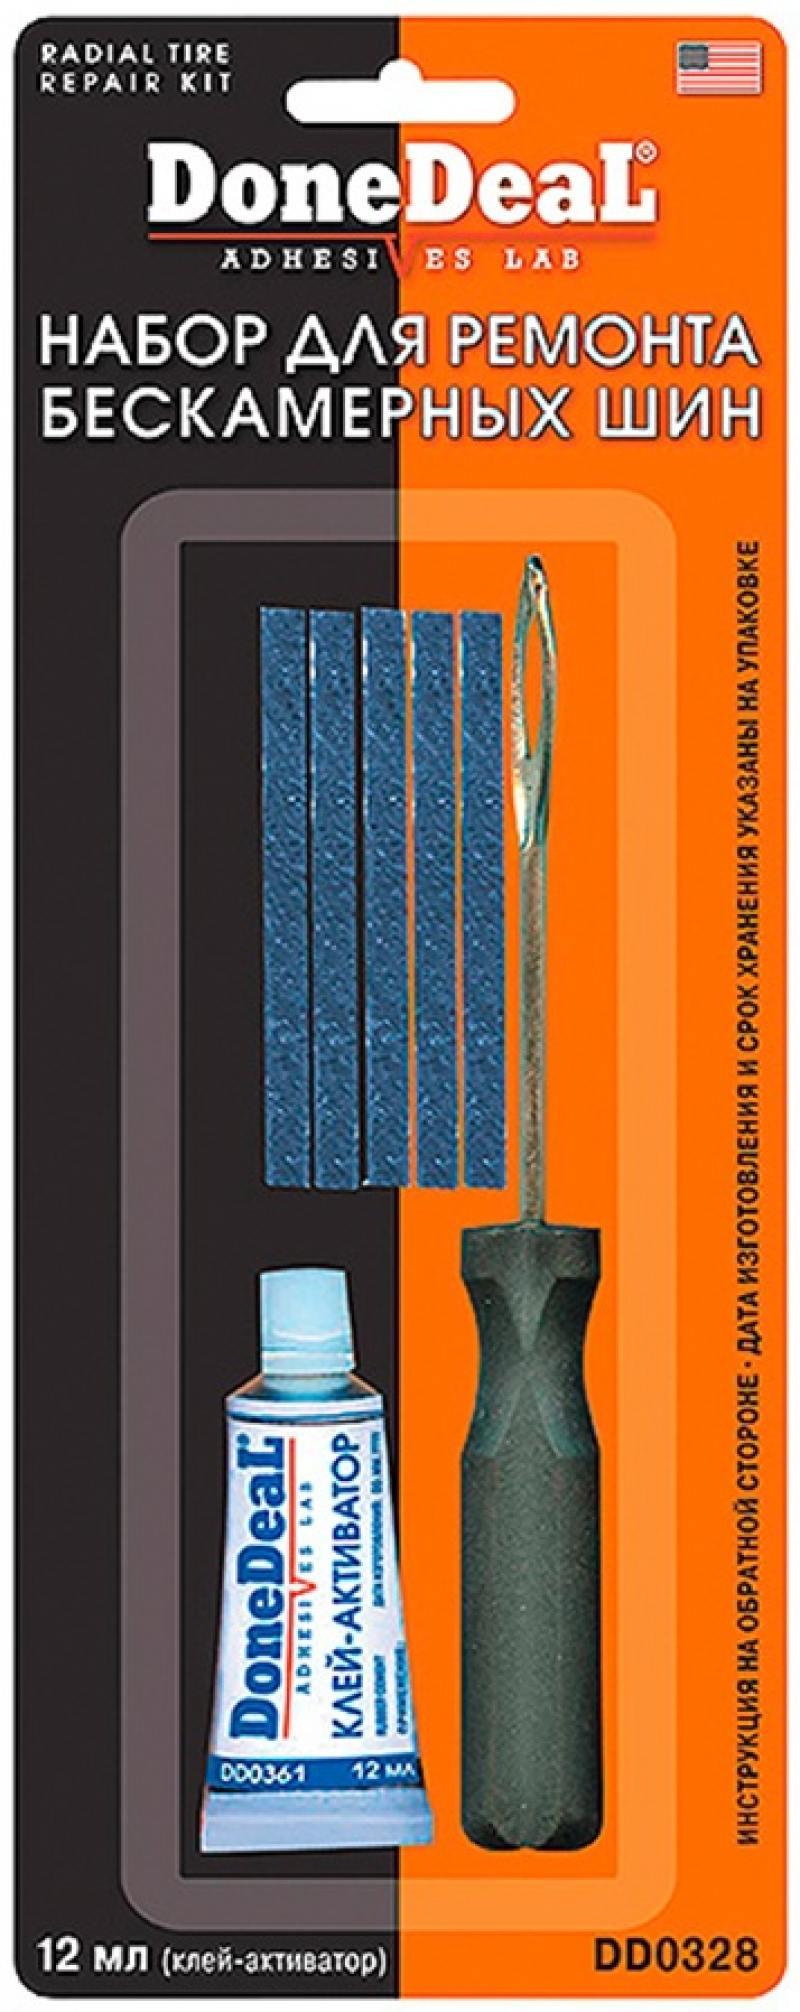 Набор для ремонта бескамерных шин Done Deal DD 0328 инструмент для ремонта бескамерных шин done deal dd 0340